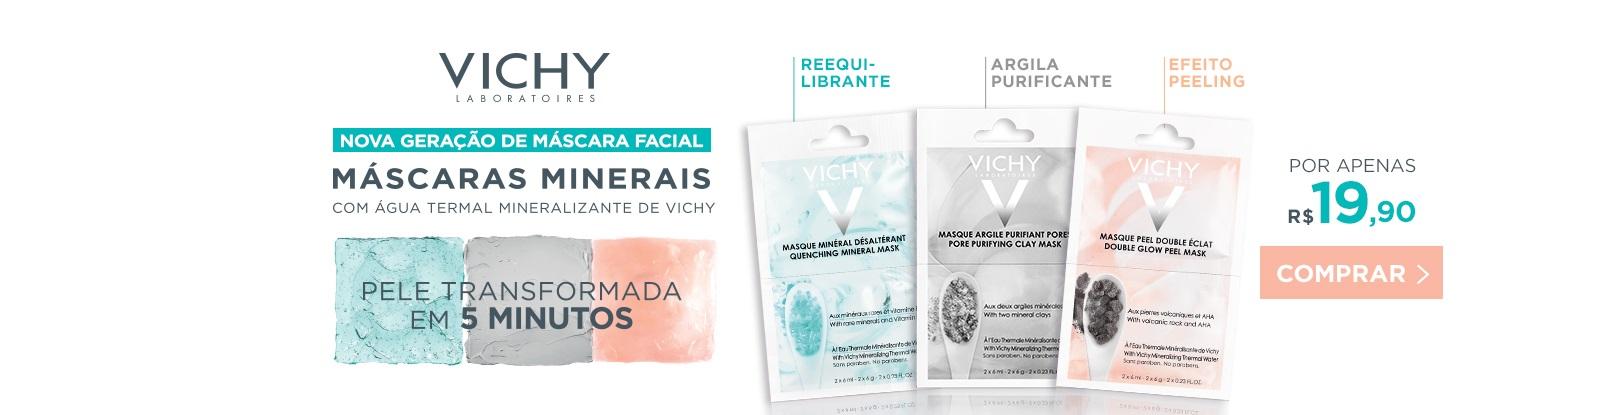 Mascaras Vichy